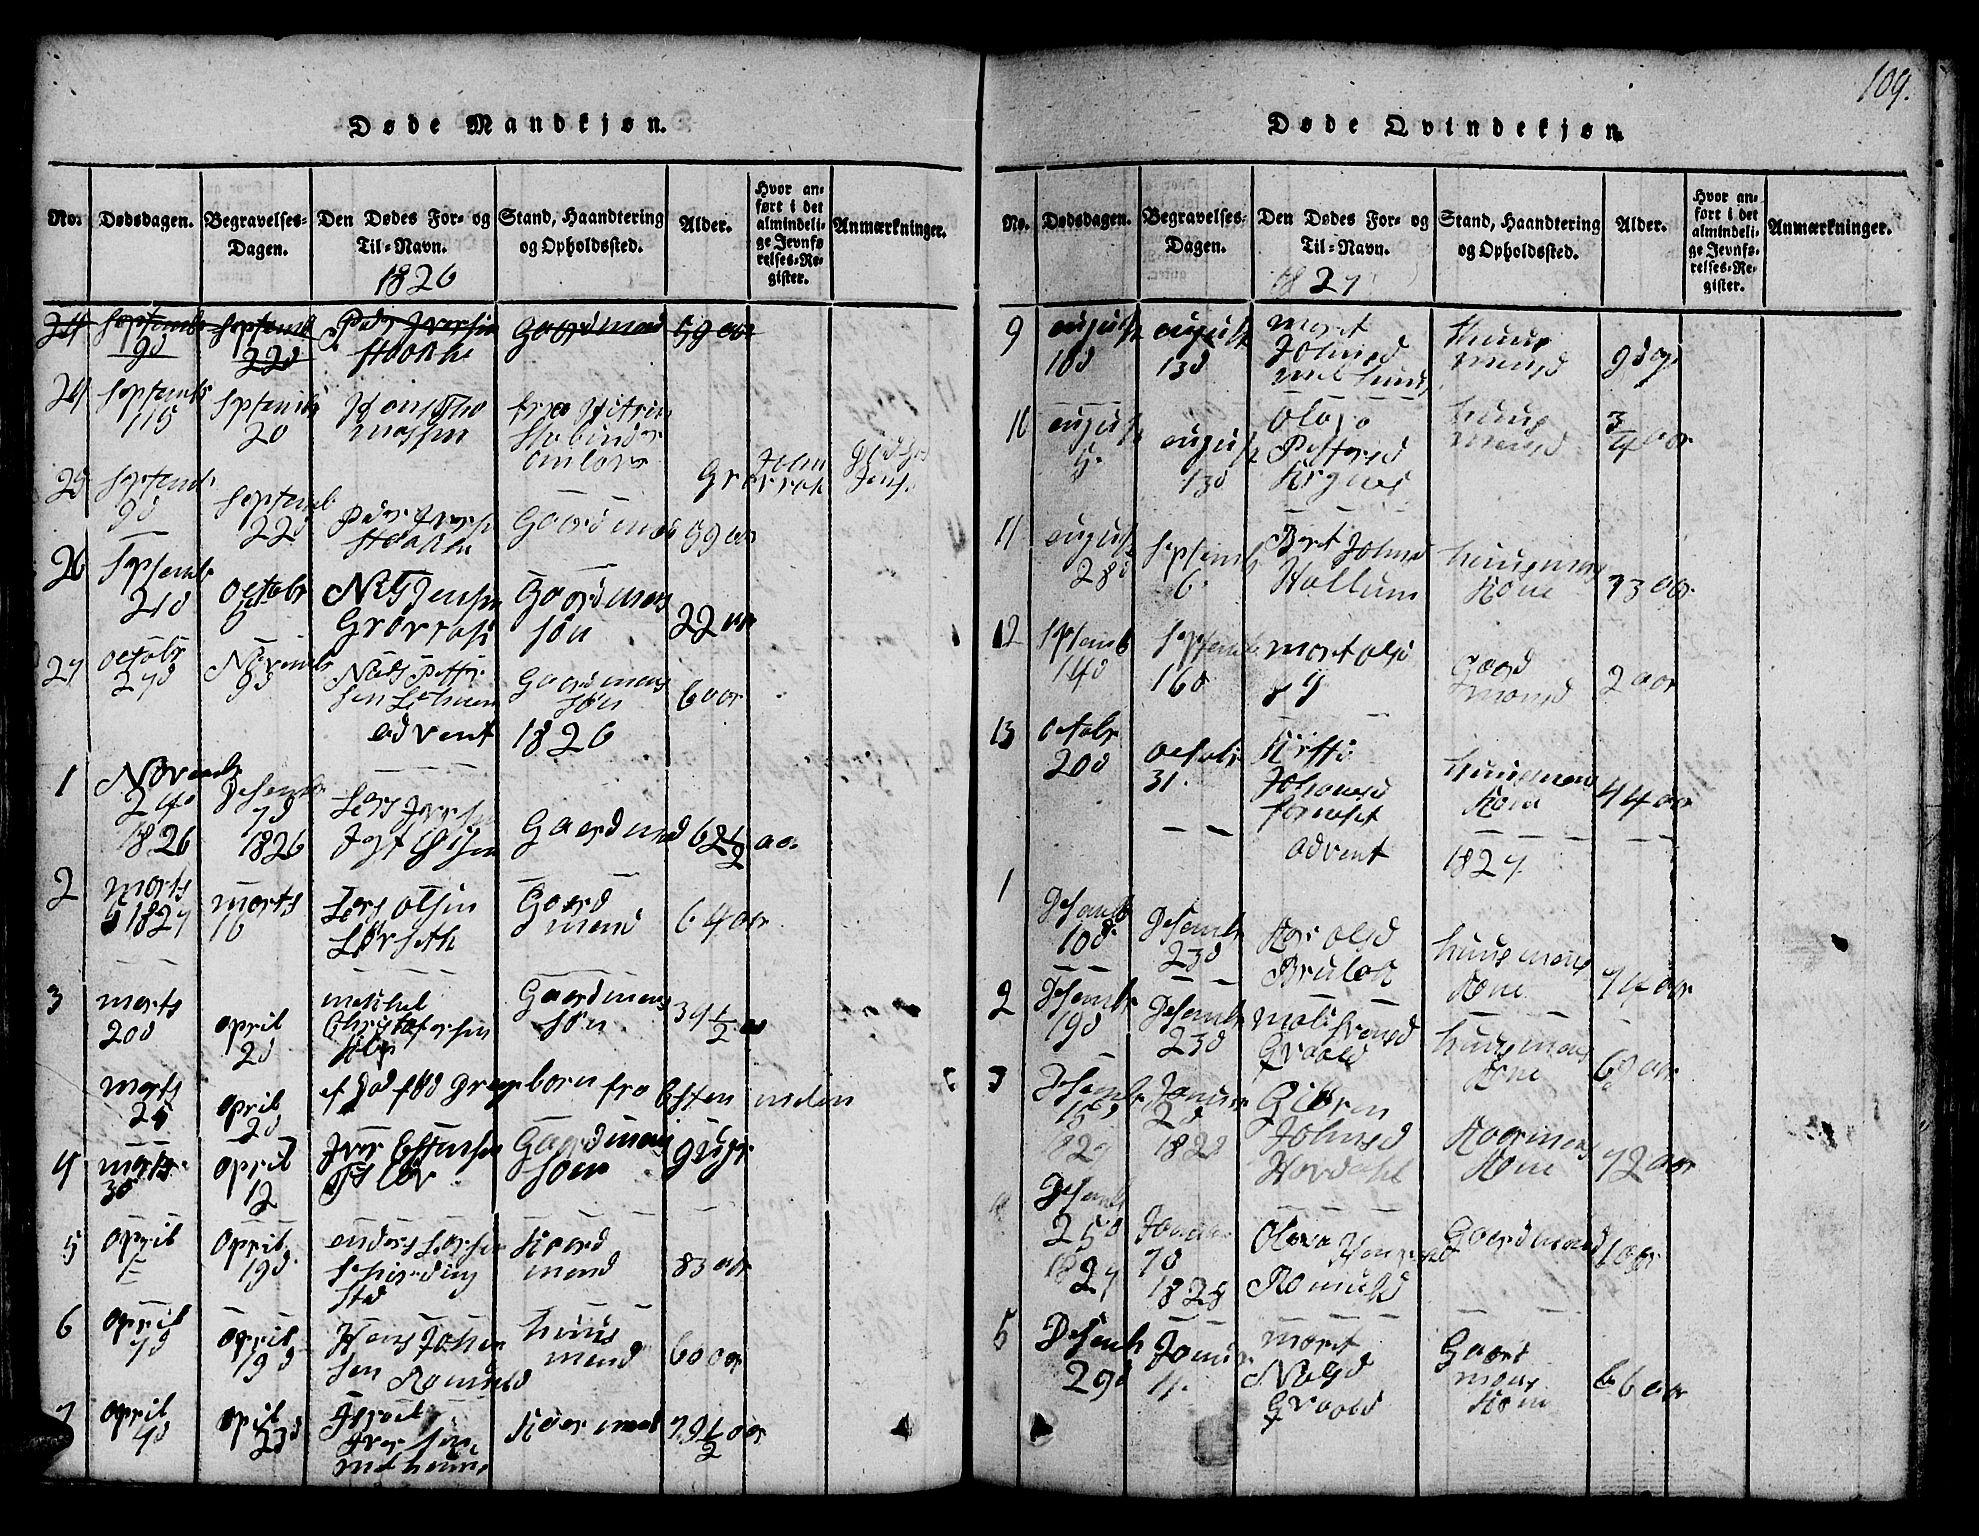 SAT, Ministerialprotokoller, klokkerbøker og fødselsregistre - Sør-Trøndelag, 691/L1092: Klokkerbok nr. 691C03, 1816-1852, s. 109